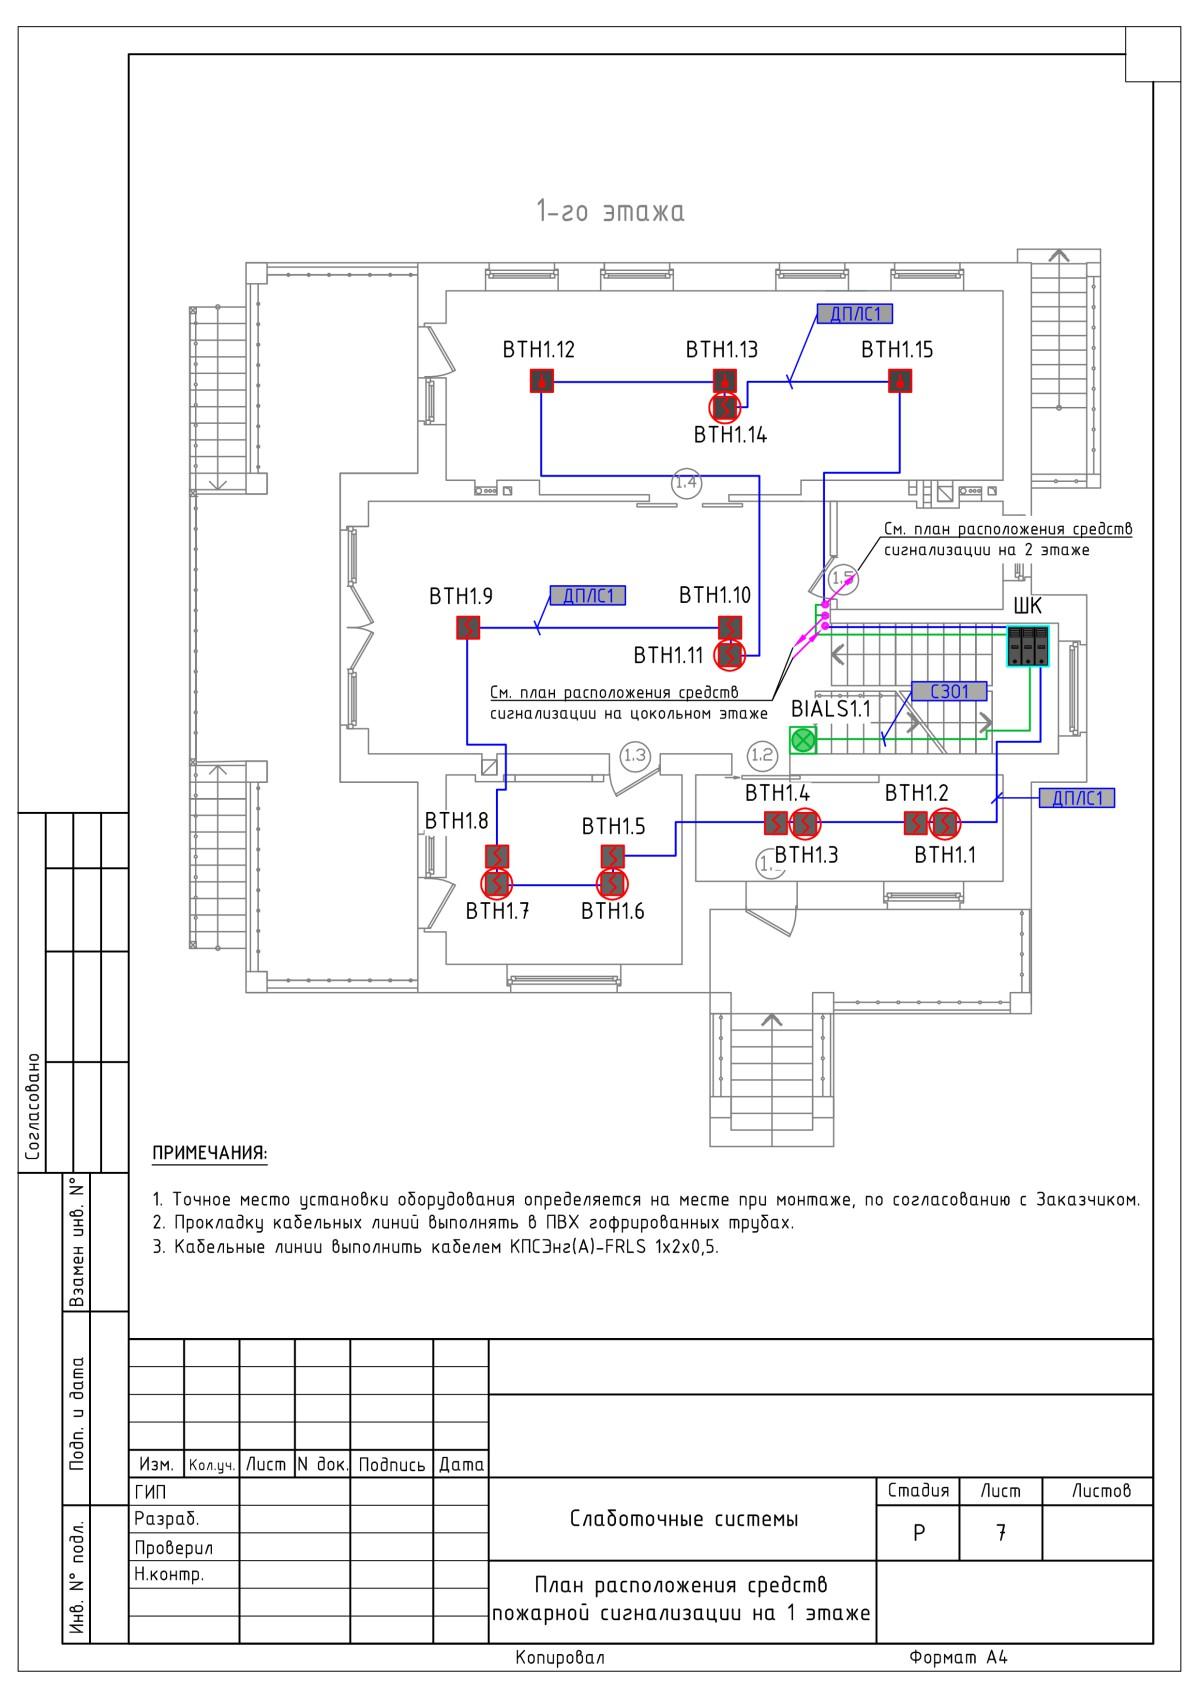 схема пожарной сигнализации упс тпс консультации